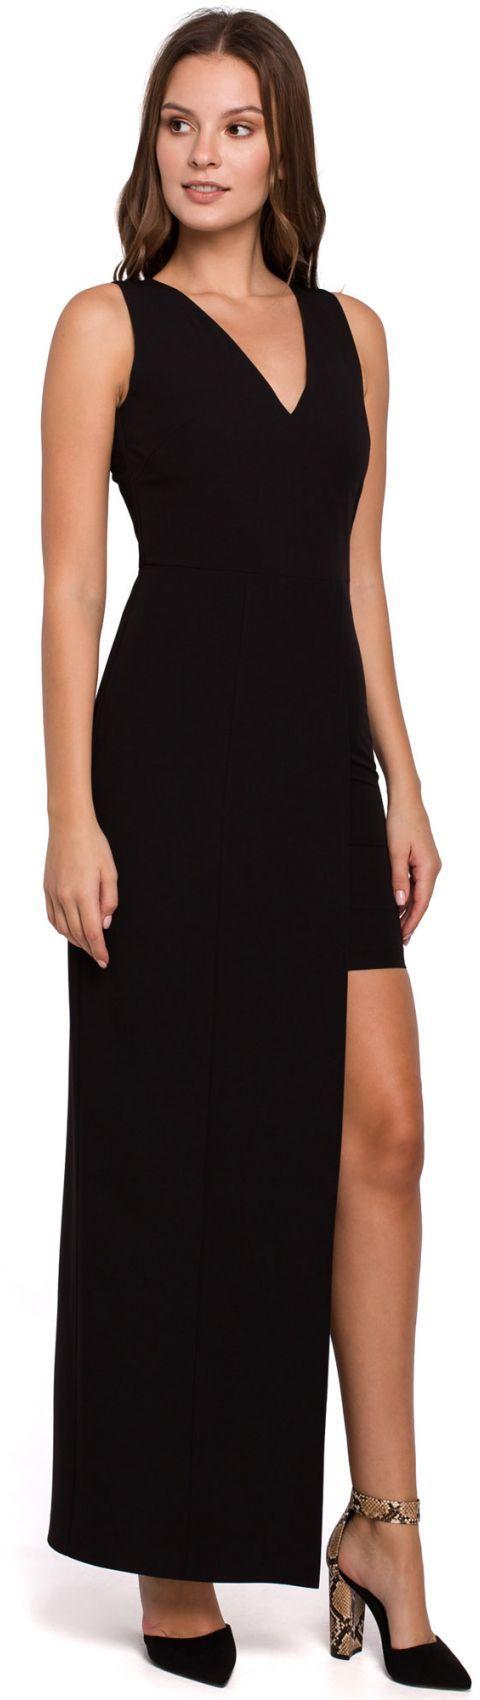 K026 Sukienka długa asymetryczna - czarna